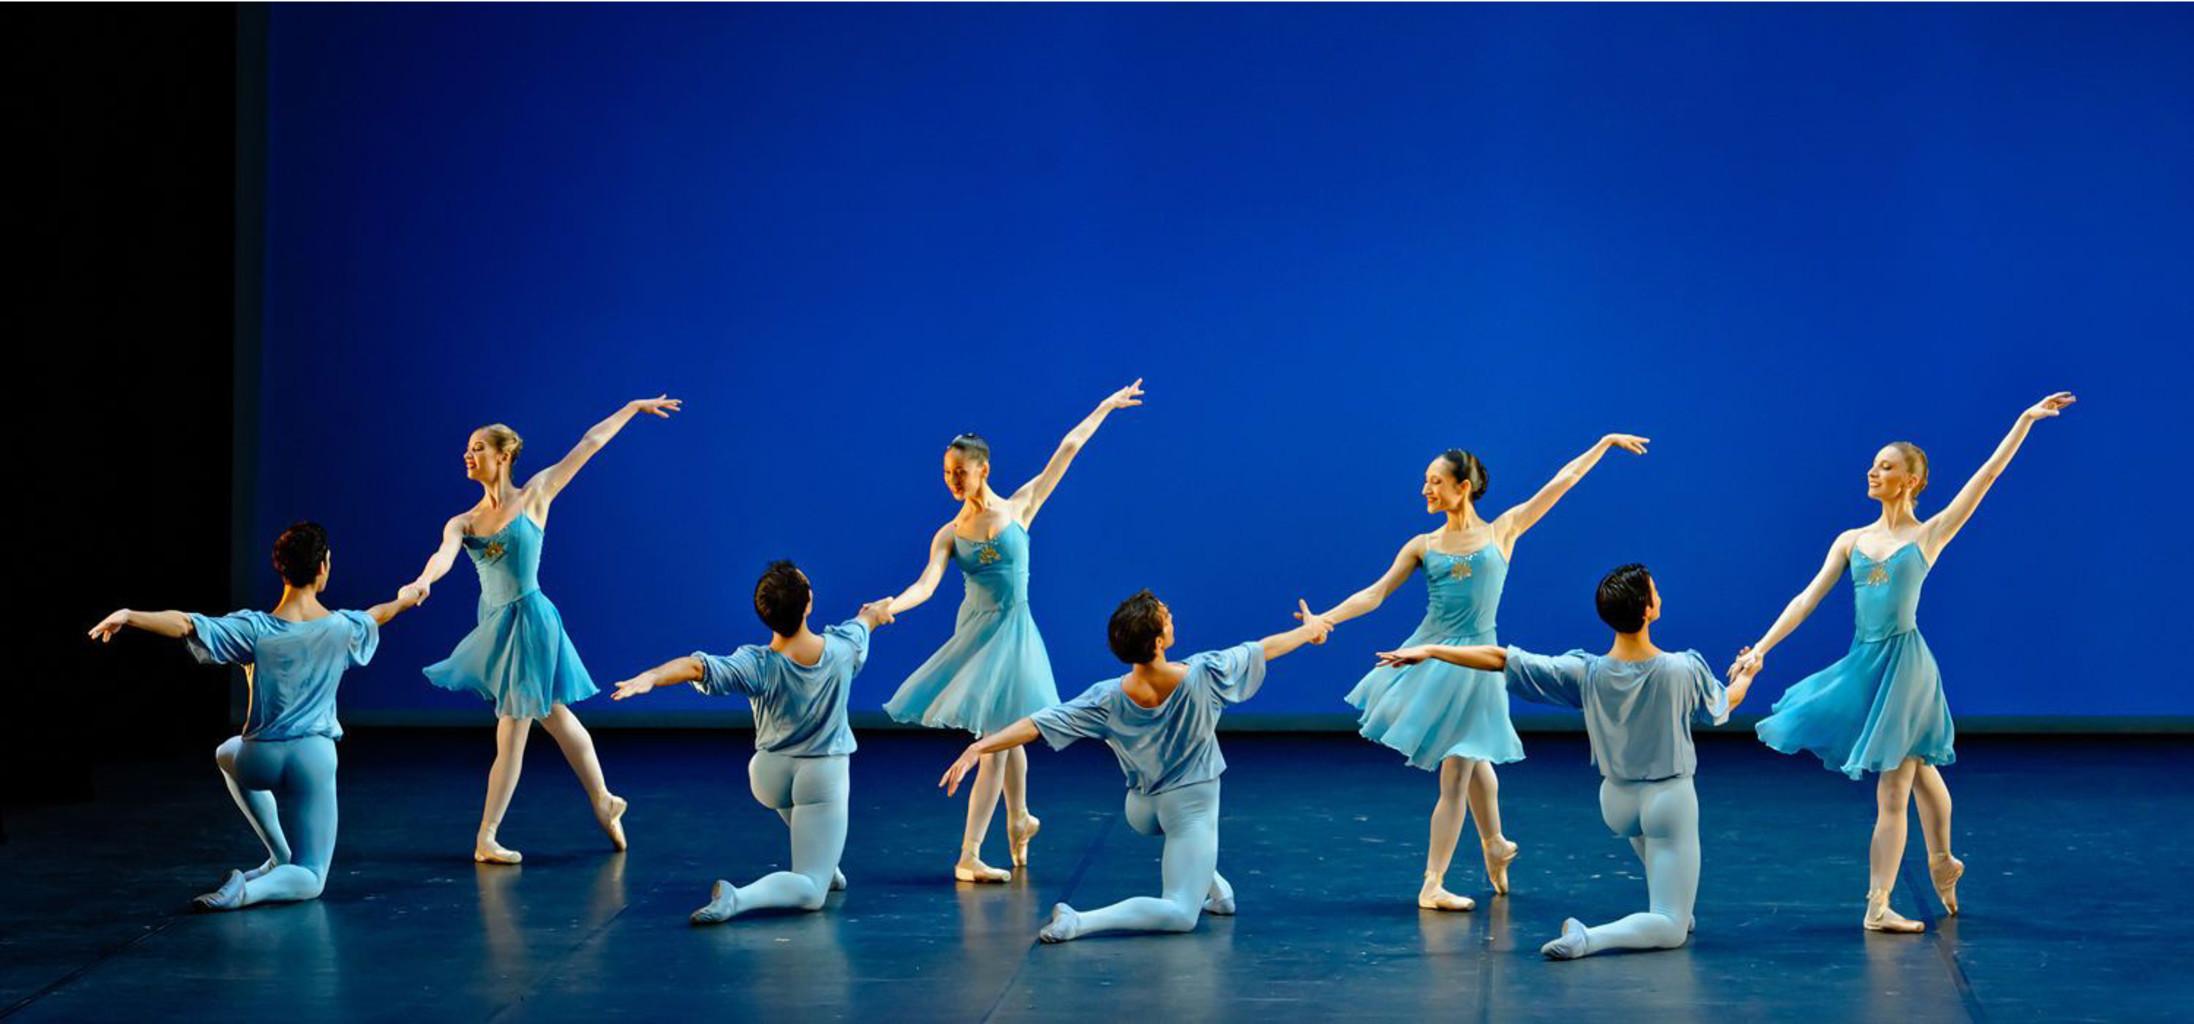 Photographie : Allegro Brillante. 2009/2010, Opéra de Nice Côte d'Azur  